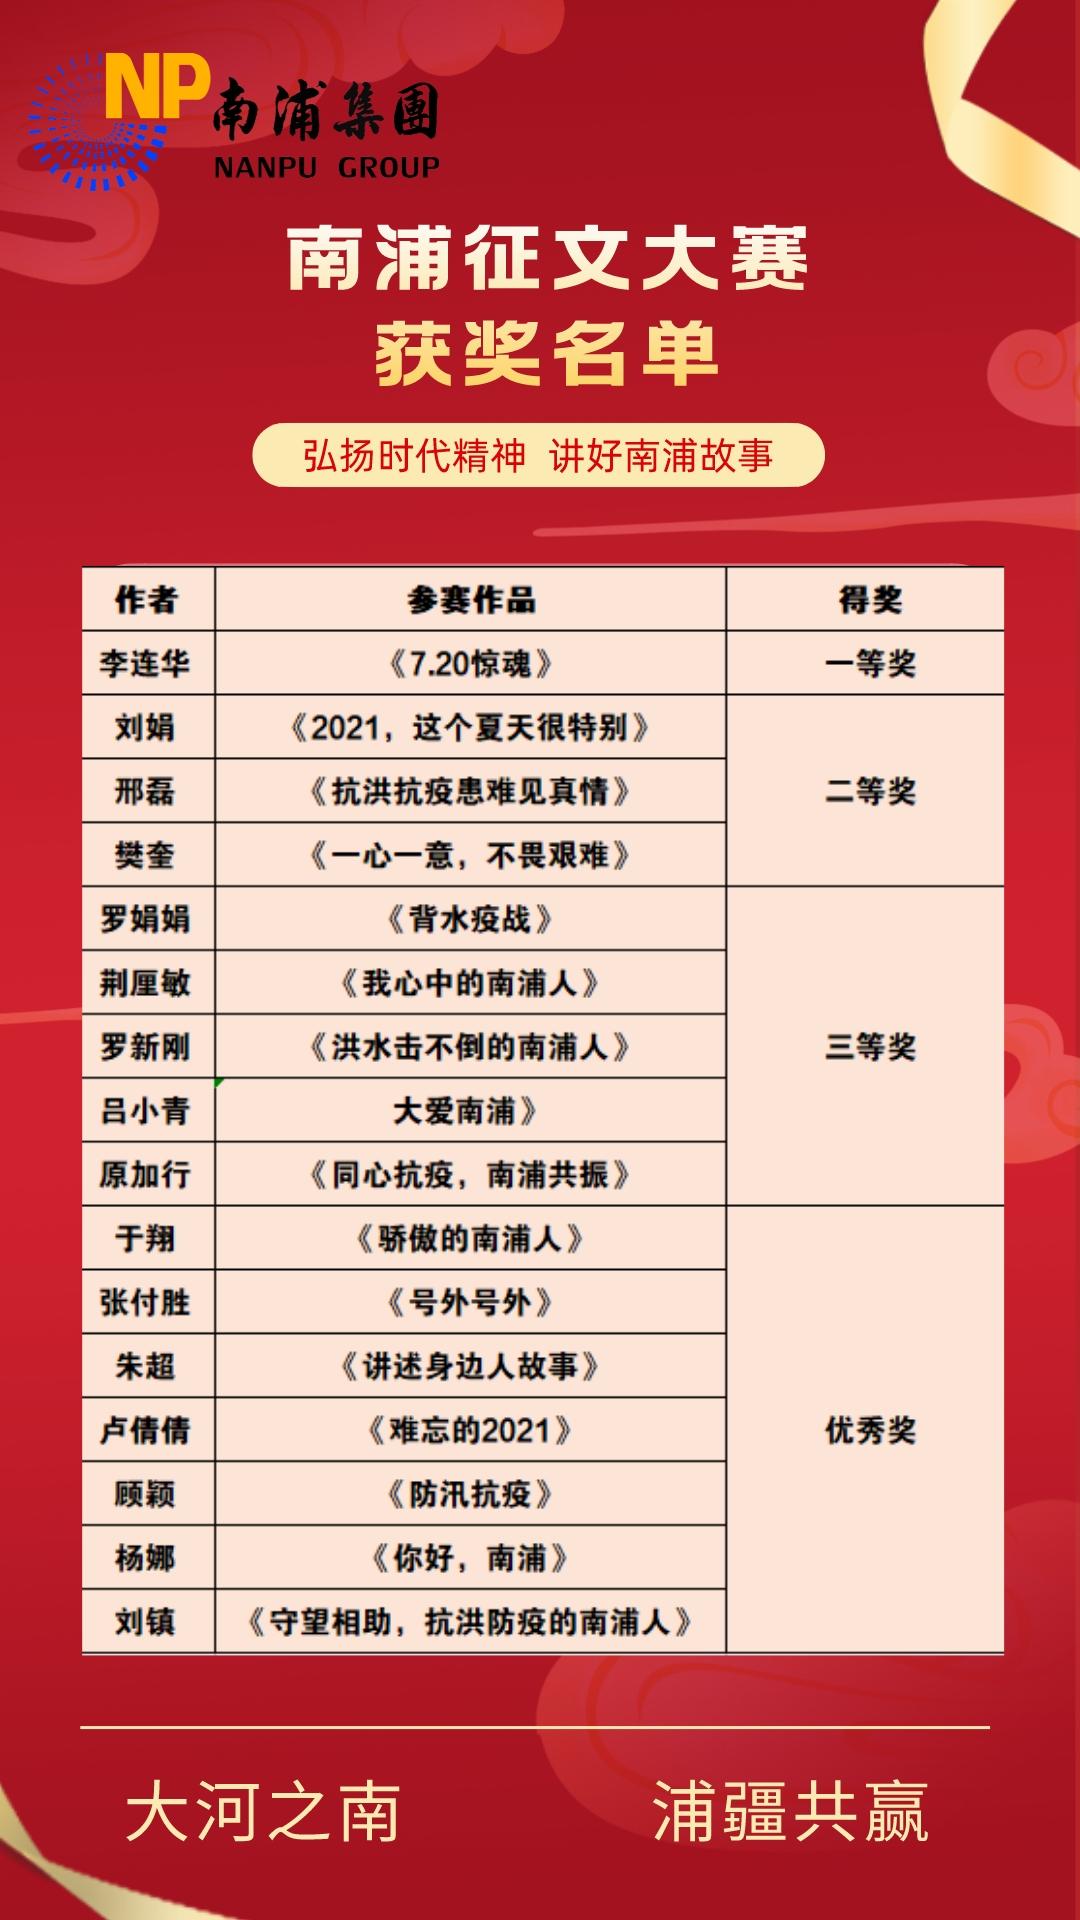 弘扬时代精神,讲好南浦故事,南浦集团征文比赛获奖名单